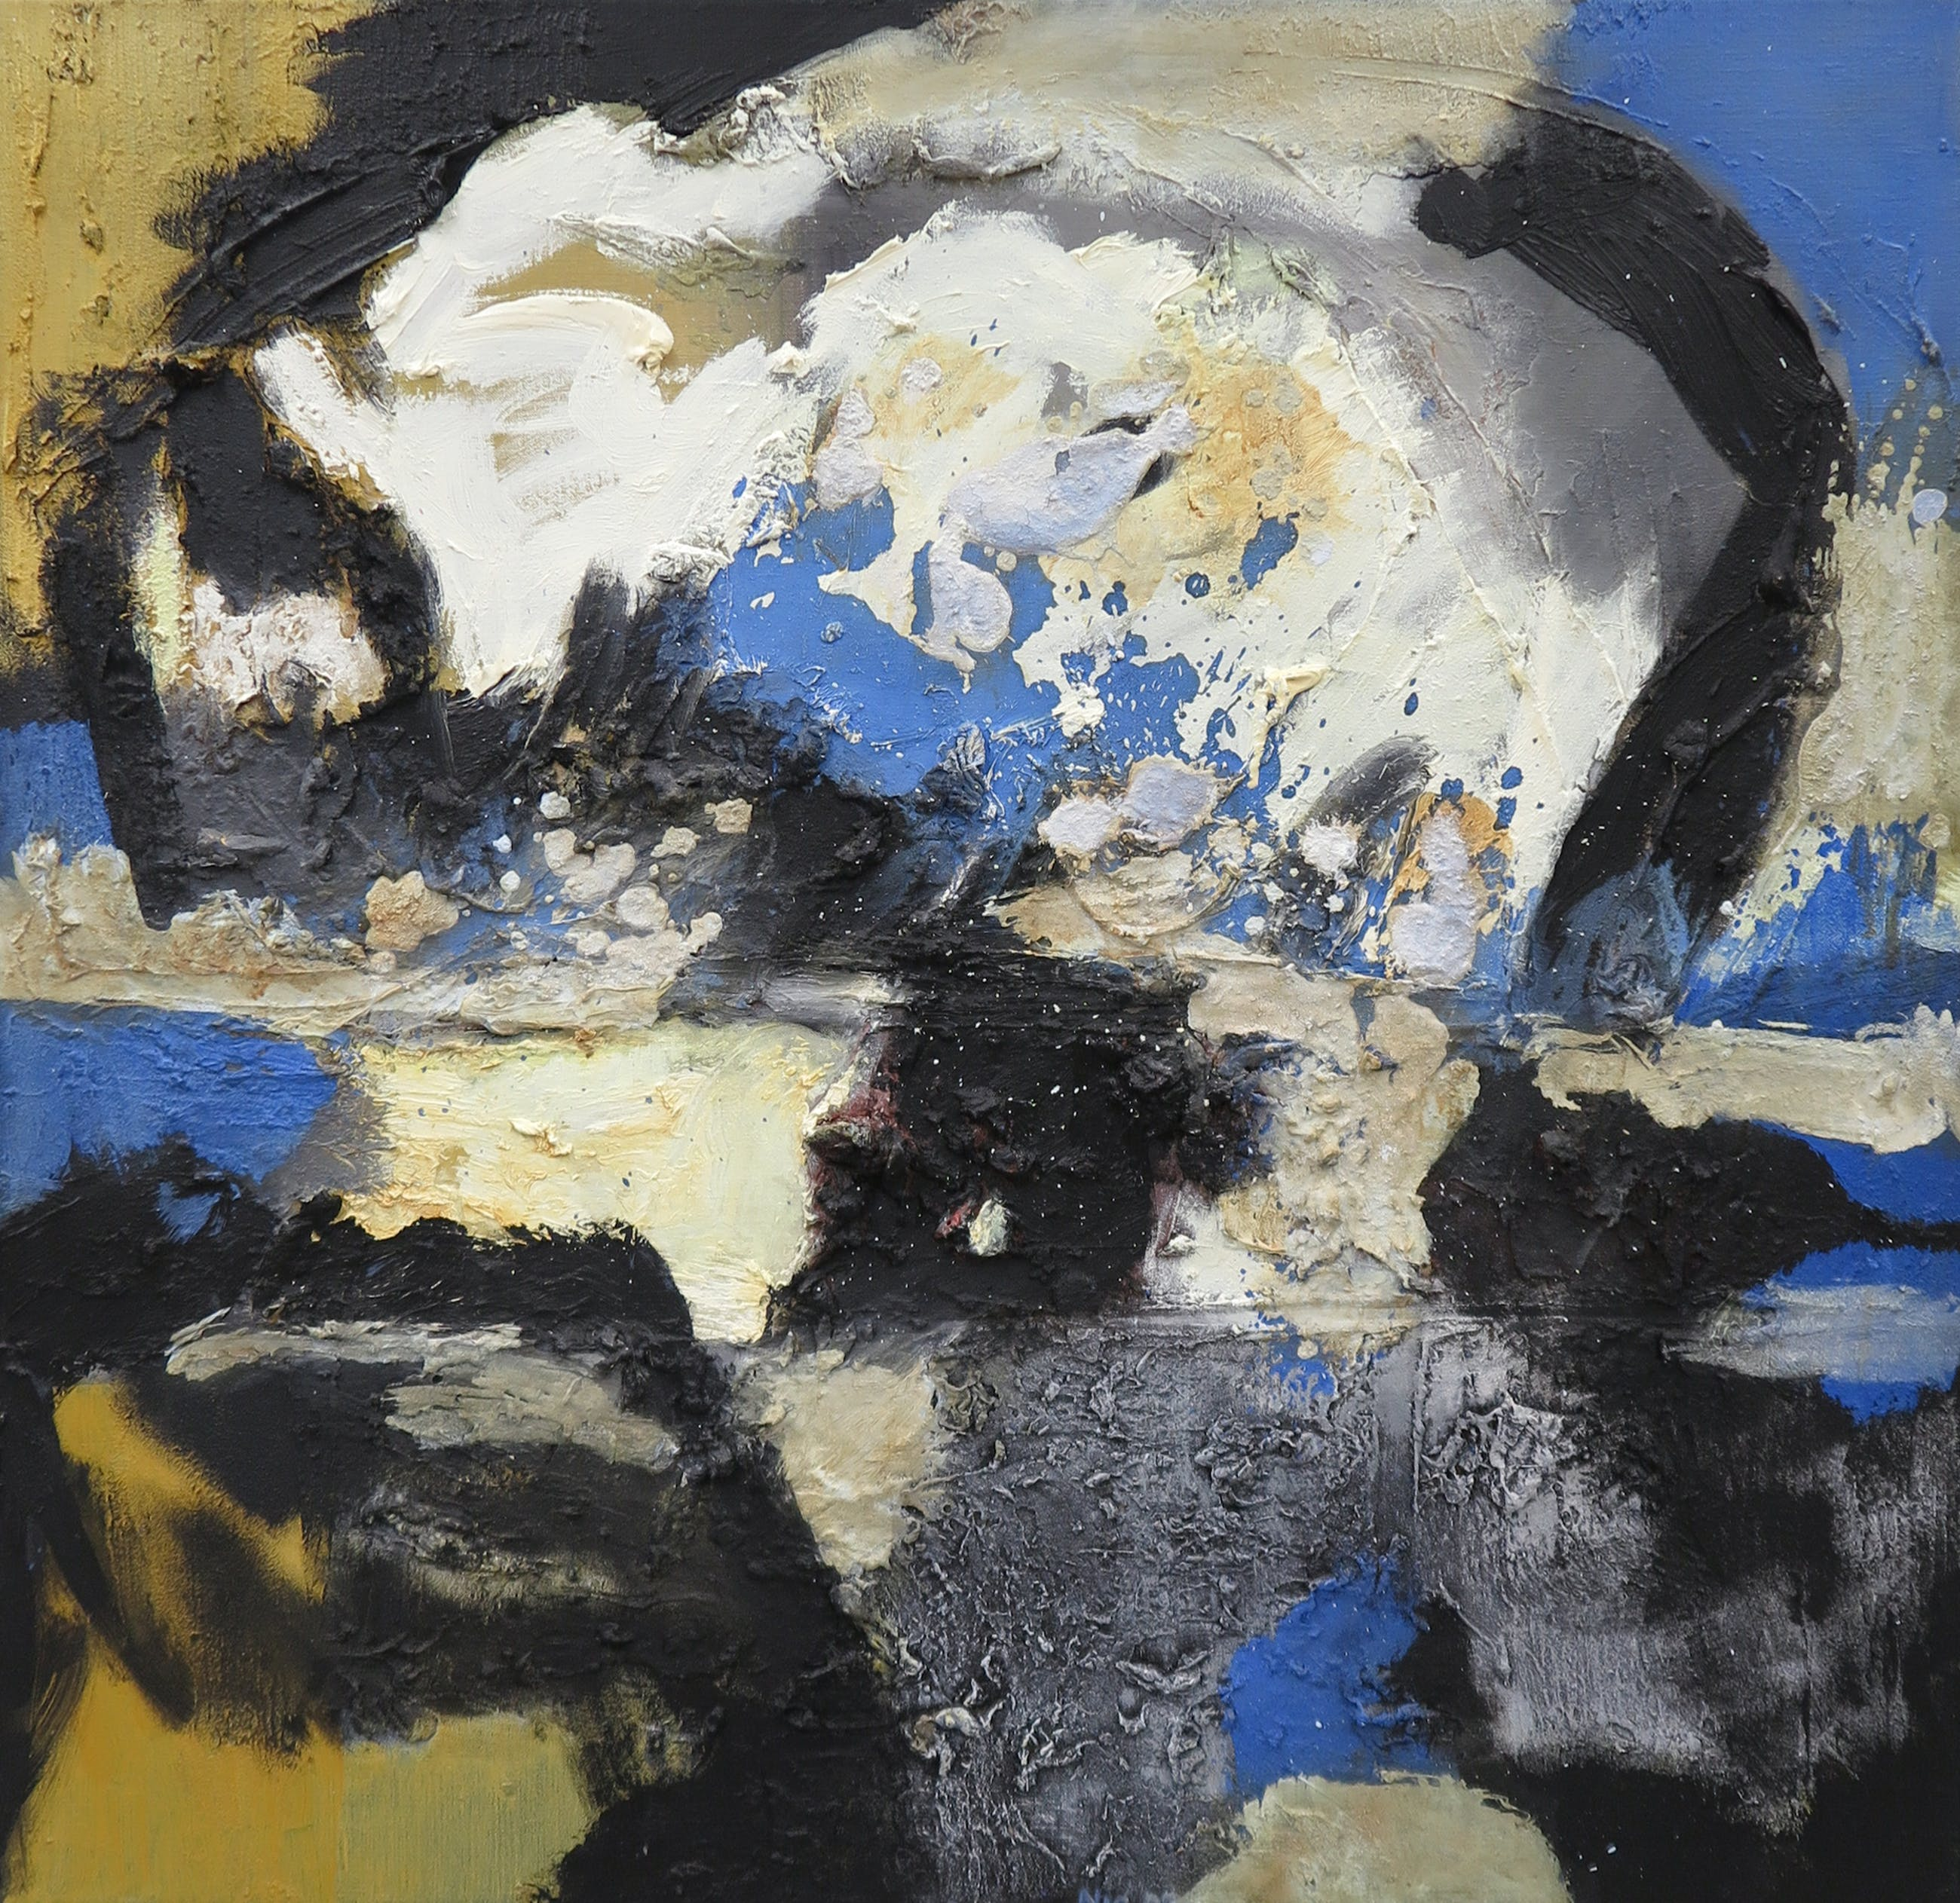 Frans Nicolai - Gemengde techniek op doek, Abstracte compositie - Ingelijst kopen? Bied vanaf 80!